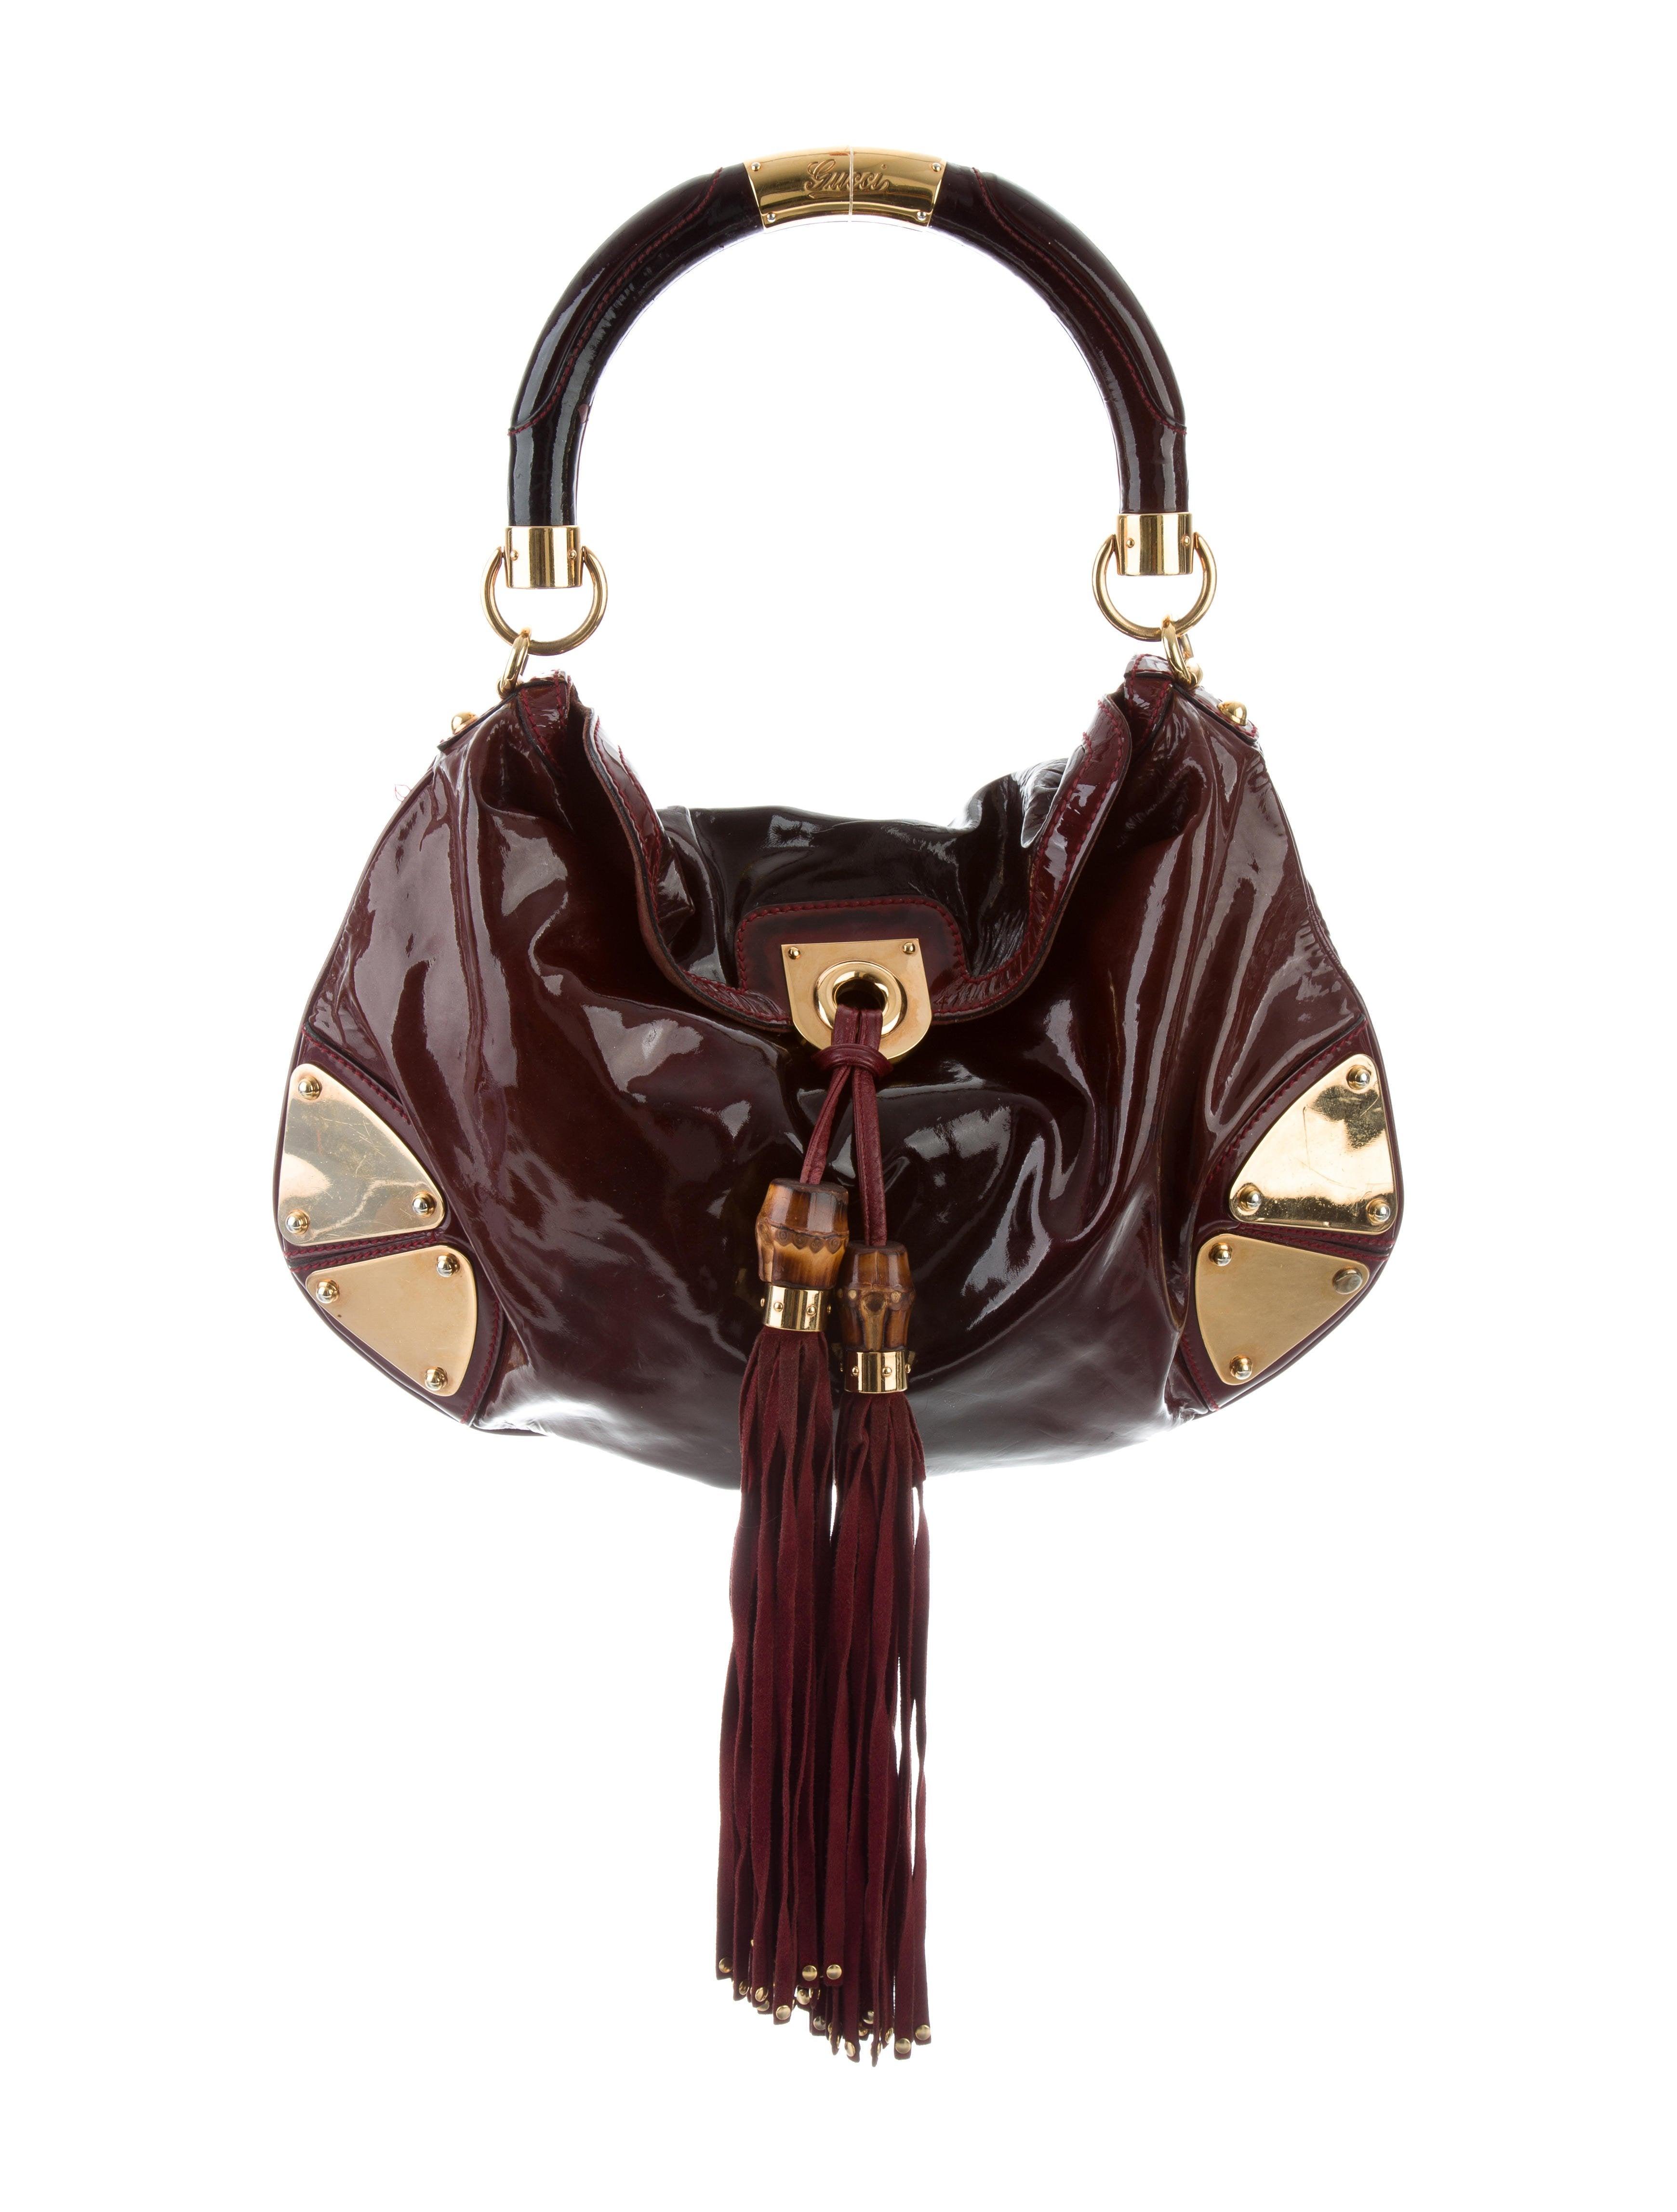 6b29e47e263 Gucci Patent Medium Indy Bag Handbags Guc168974 The Realreal. Gucci Black  Suede Medium Babouska Indy Top Handle Bag